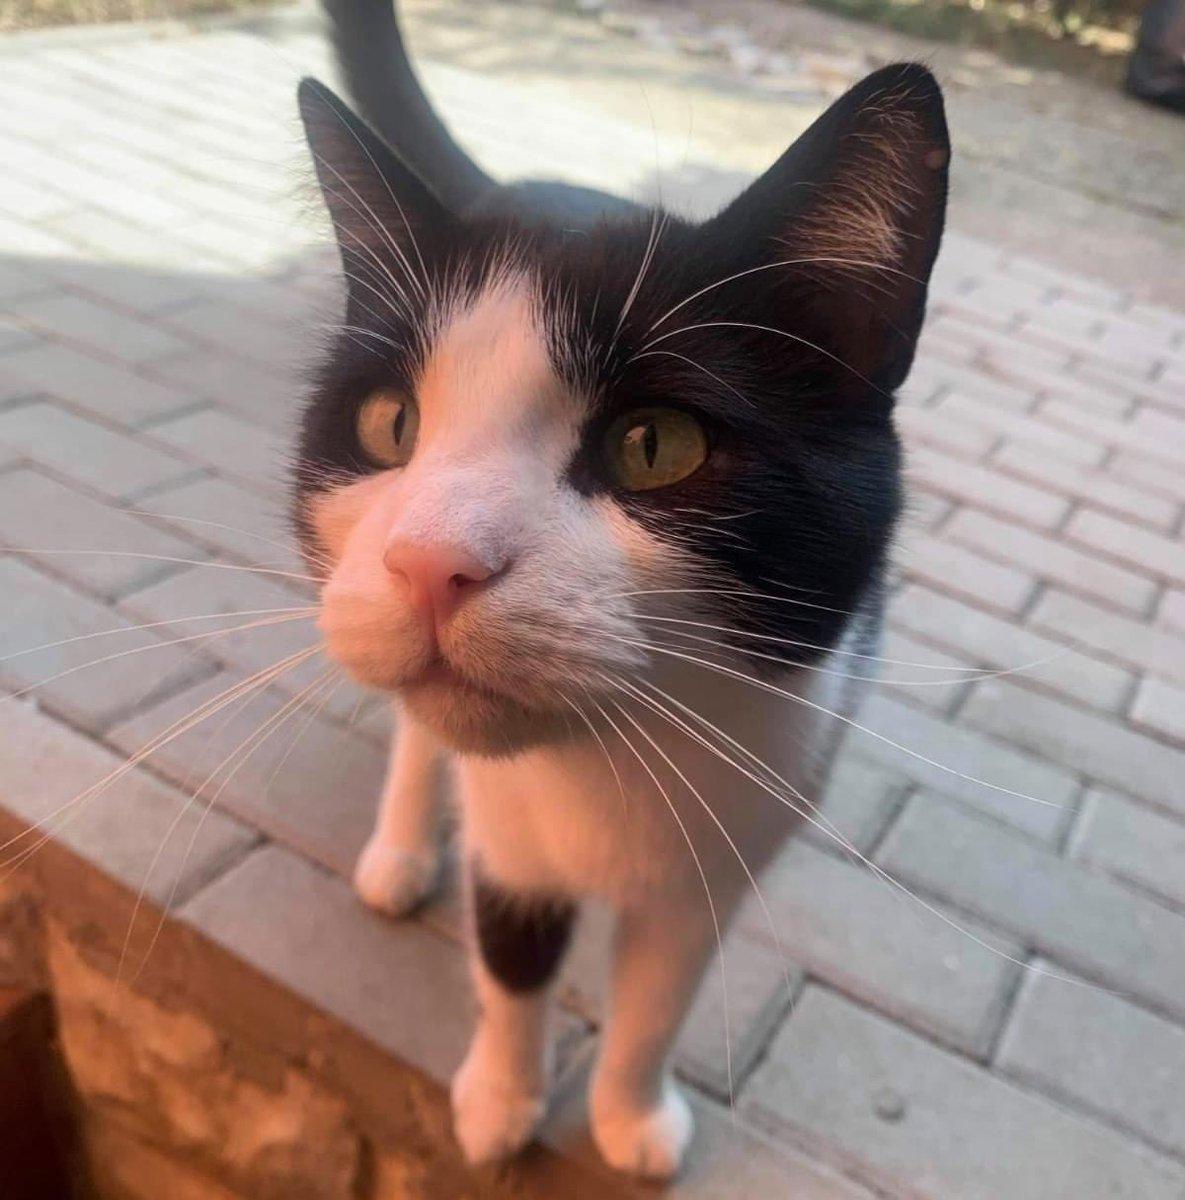 Schenkst du unserem Patrick das Ticket ins #Glück?  Patrick ist eine 2 jährige und immer fröhlicher Bub, der das kuscheln liebt ♥️  #cat #cats #catoftheday #Caturday #catoftheweek #AdoptDontShop #adoptdontbuy #savelife #zuhausegesucht #pet #tierschutz https://t.co/utVC9ZbU07